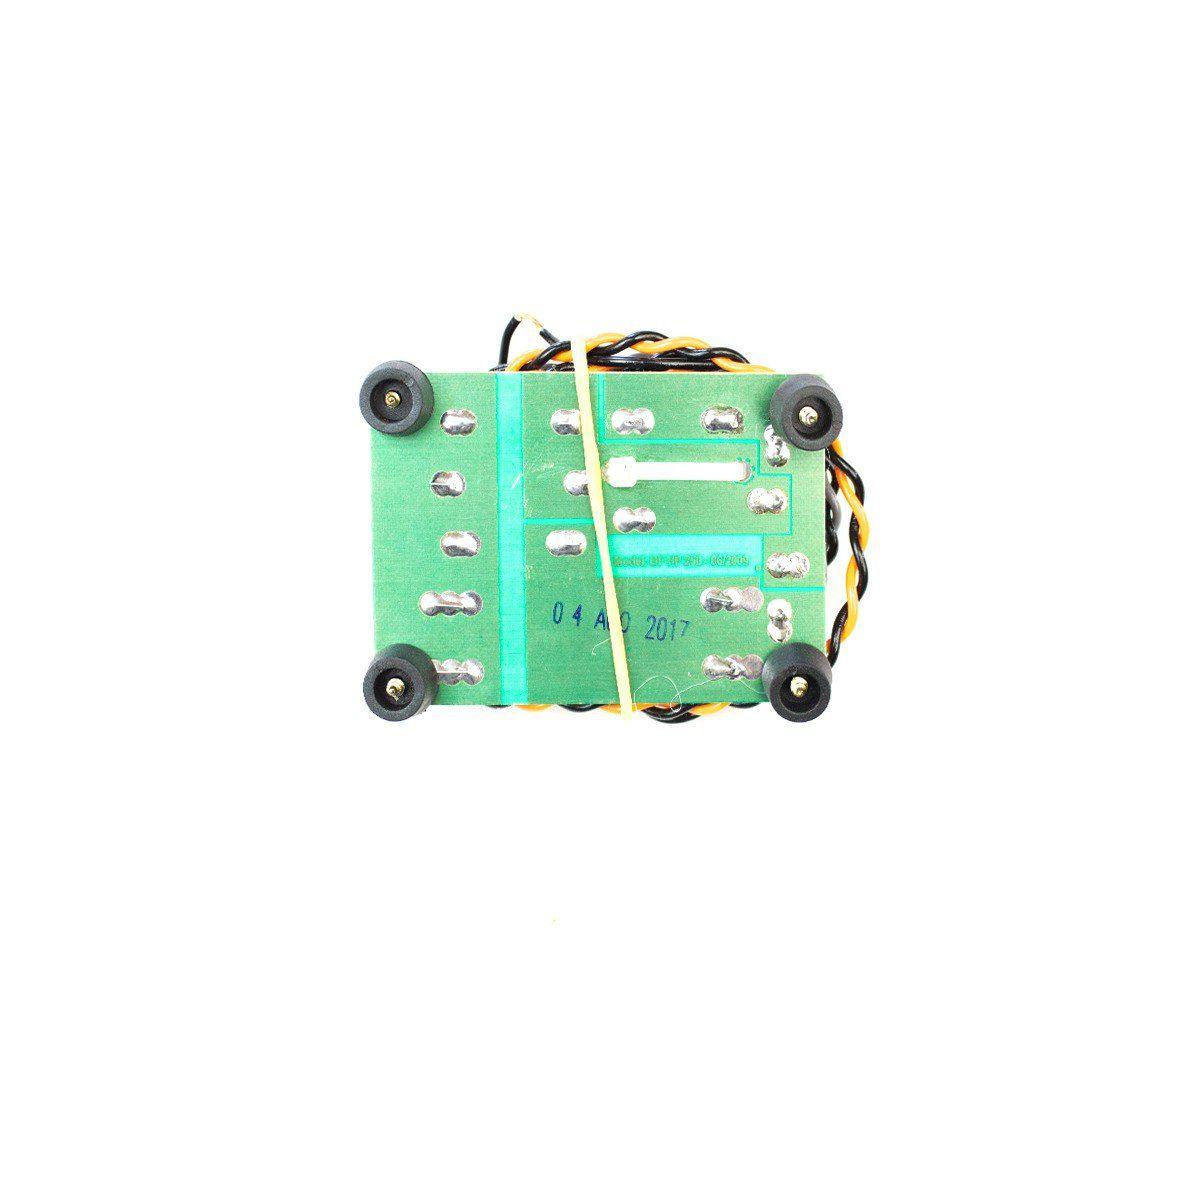 Divisor de Frequência 1 Via 250W p/ Driver Fenólico - DF HP 250 Nenis